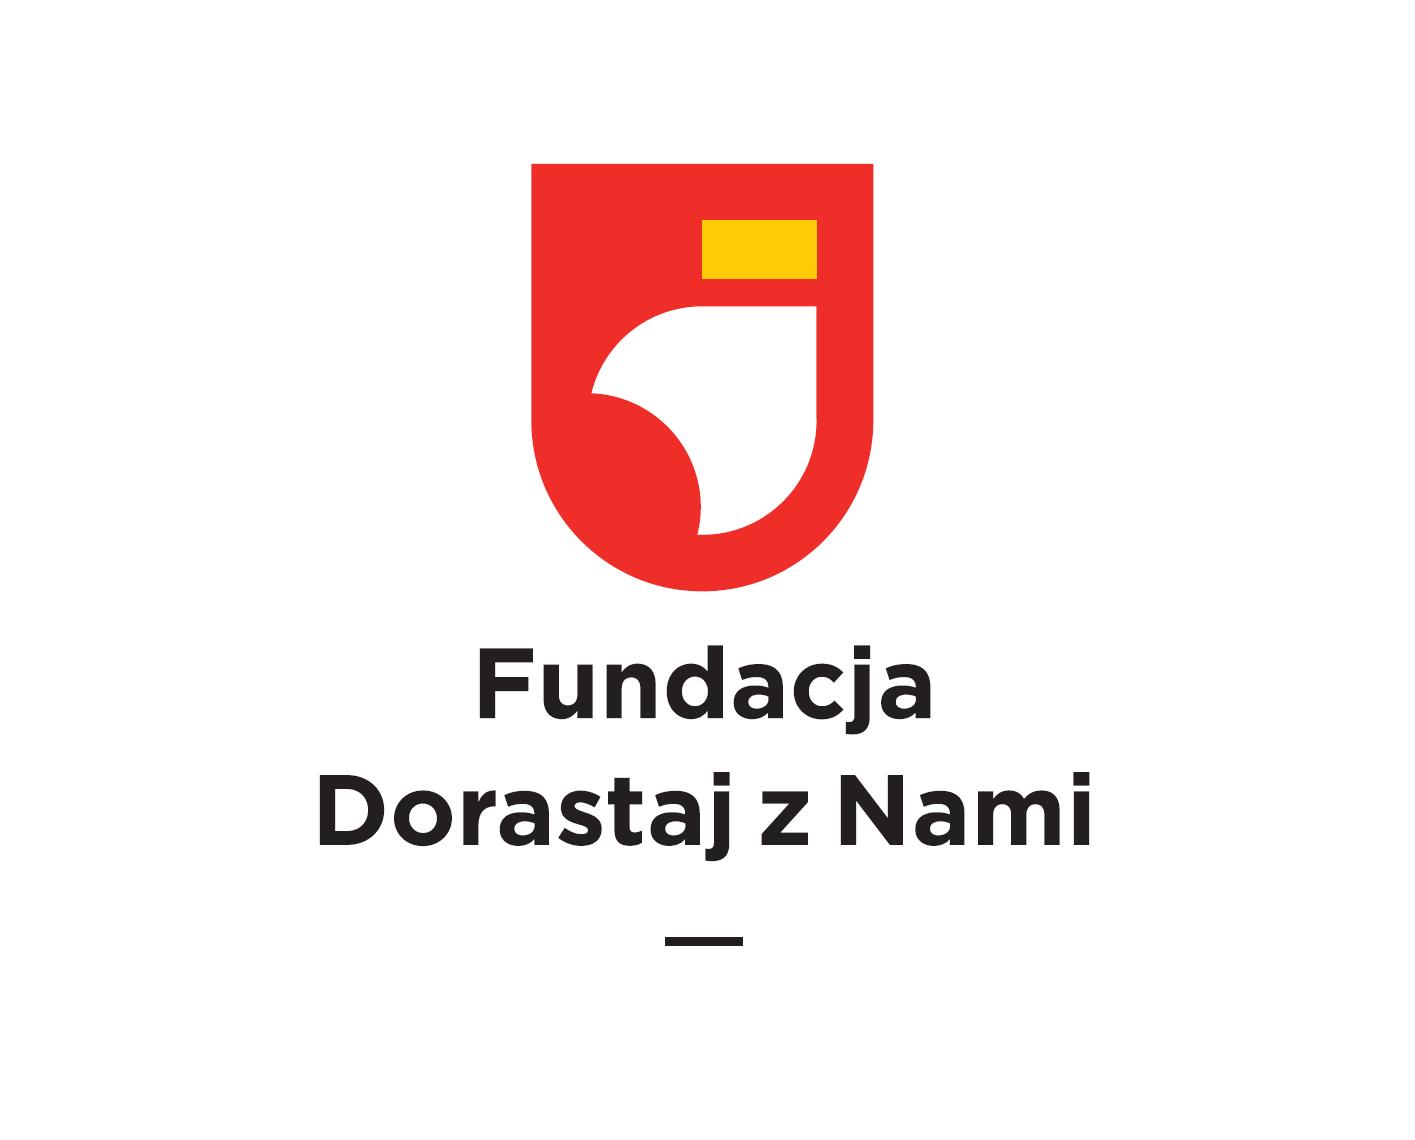 Fundacja PGZ wspiera Fundację Dorastaj z Nami!